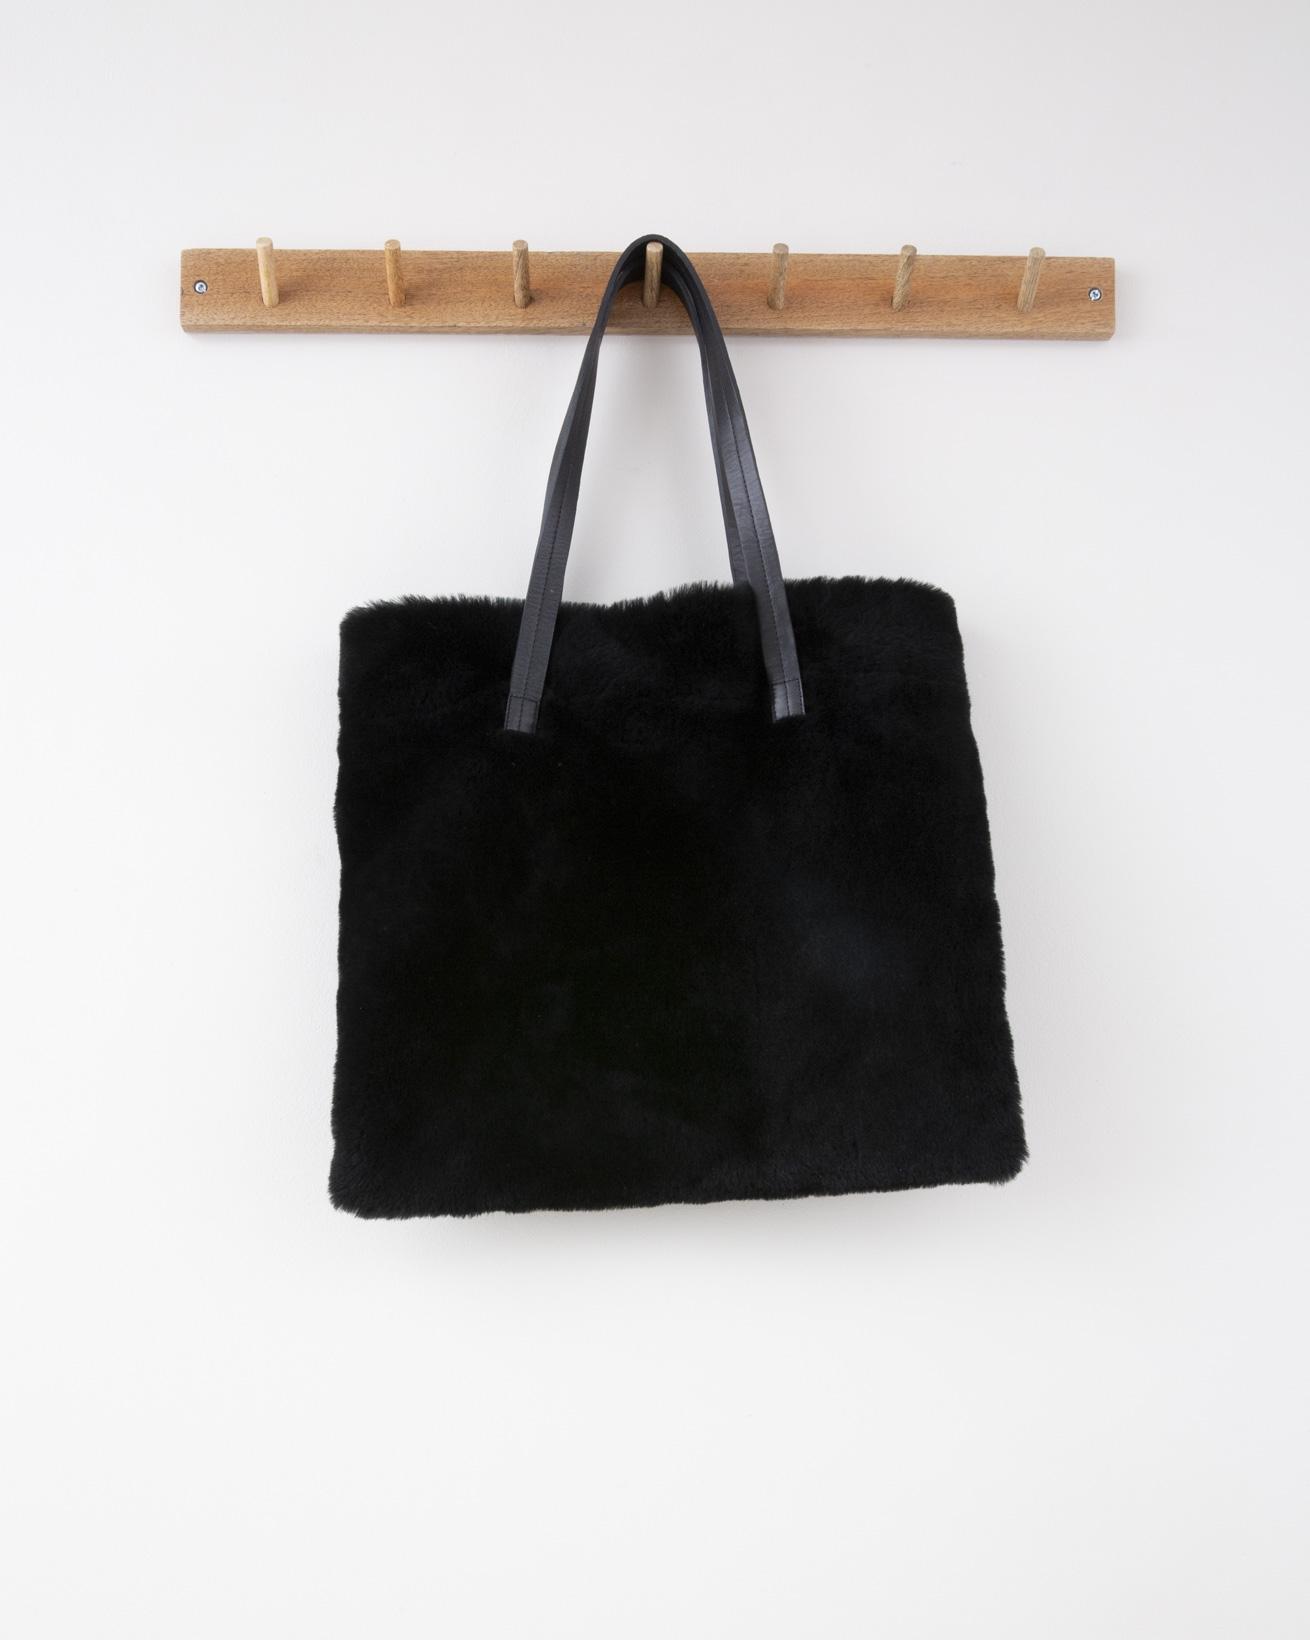 Sheepskin Shoulder Bag - 40cm x 35cm - Black - 1291